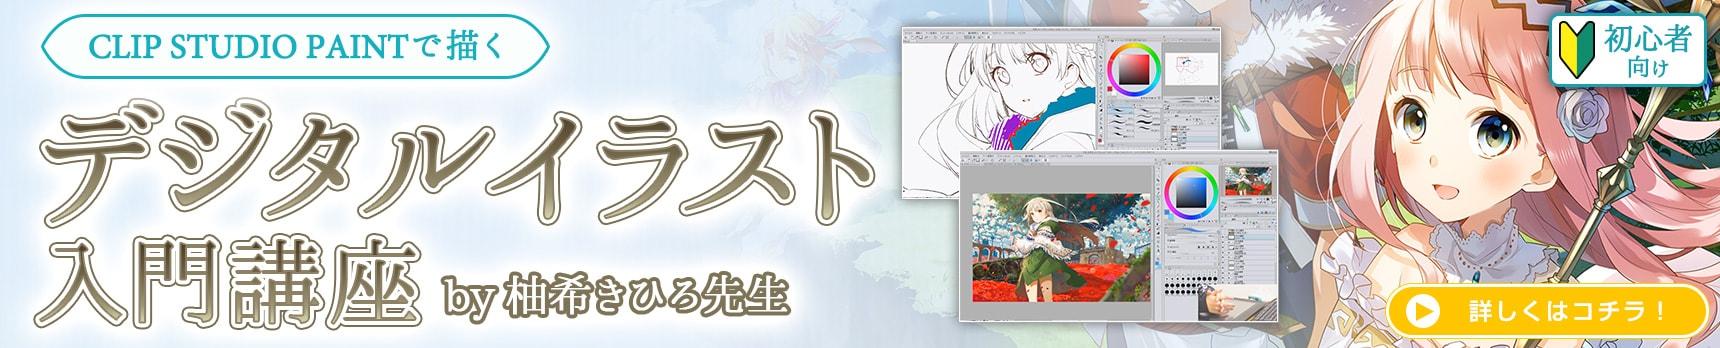 Yuzuki banner rec pc